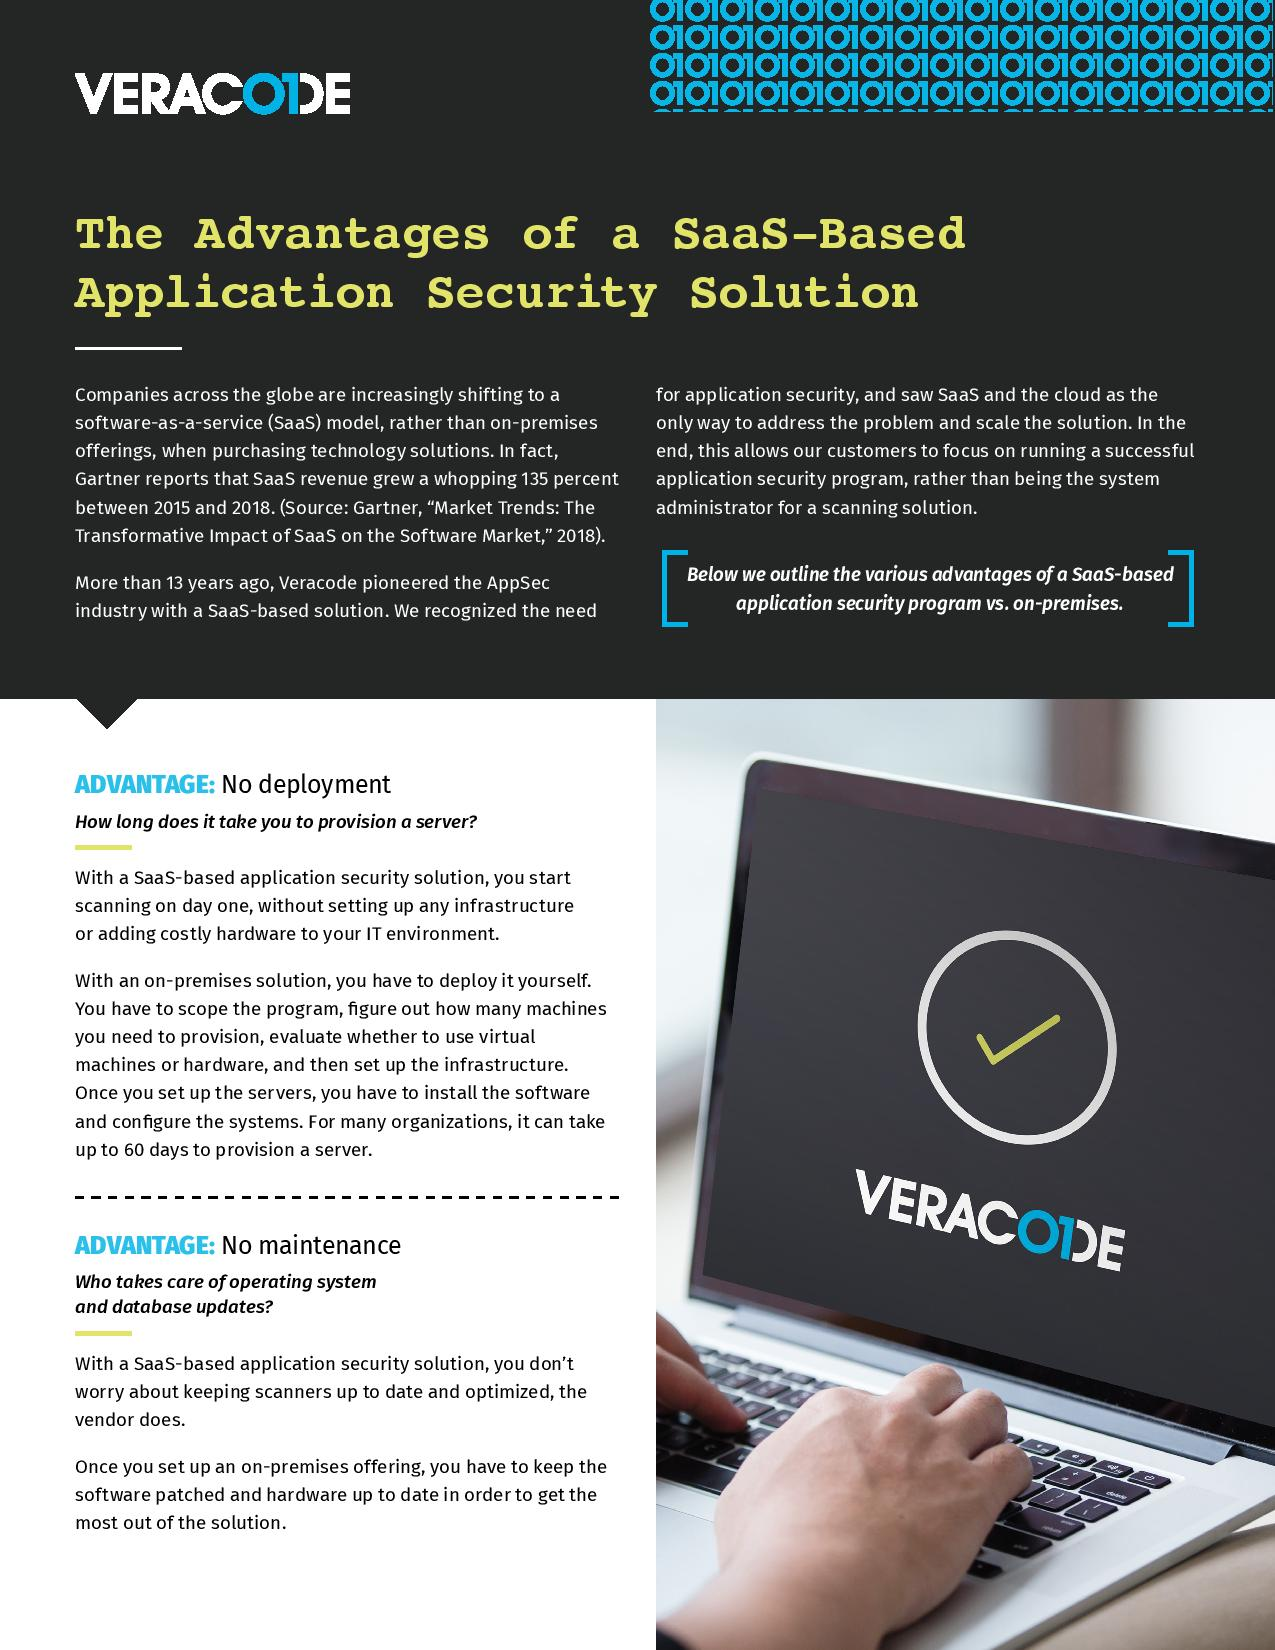 [Infographie] Les avantages d'une solution d'application de sécurité SaaS